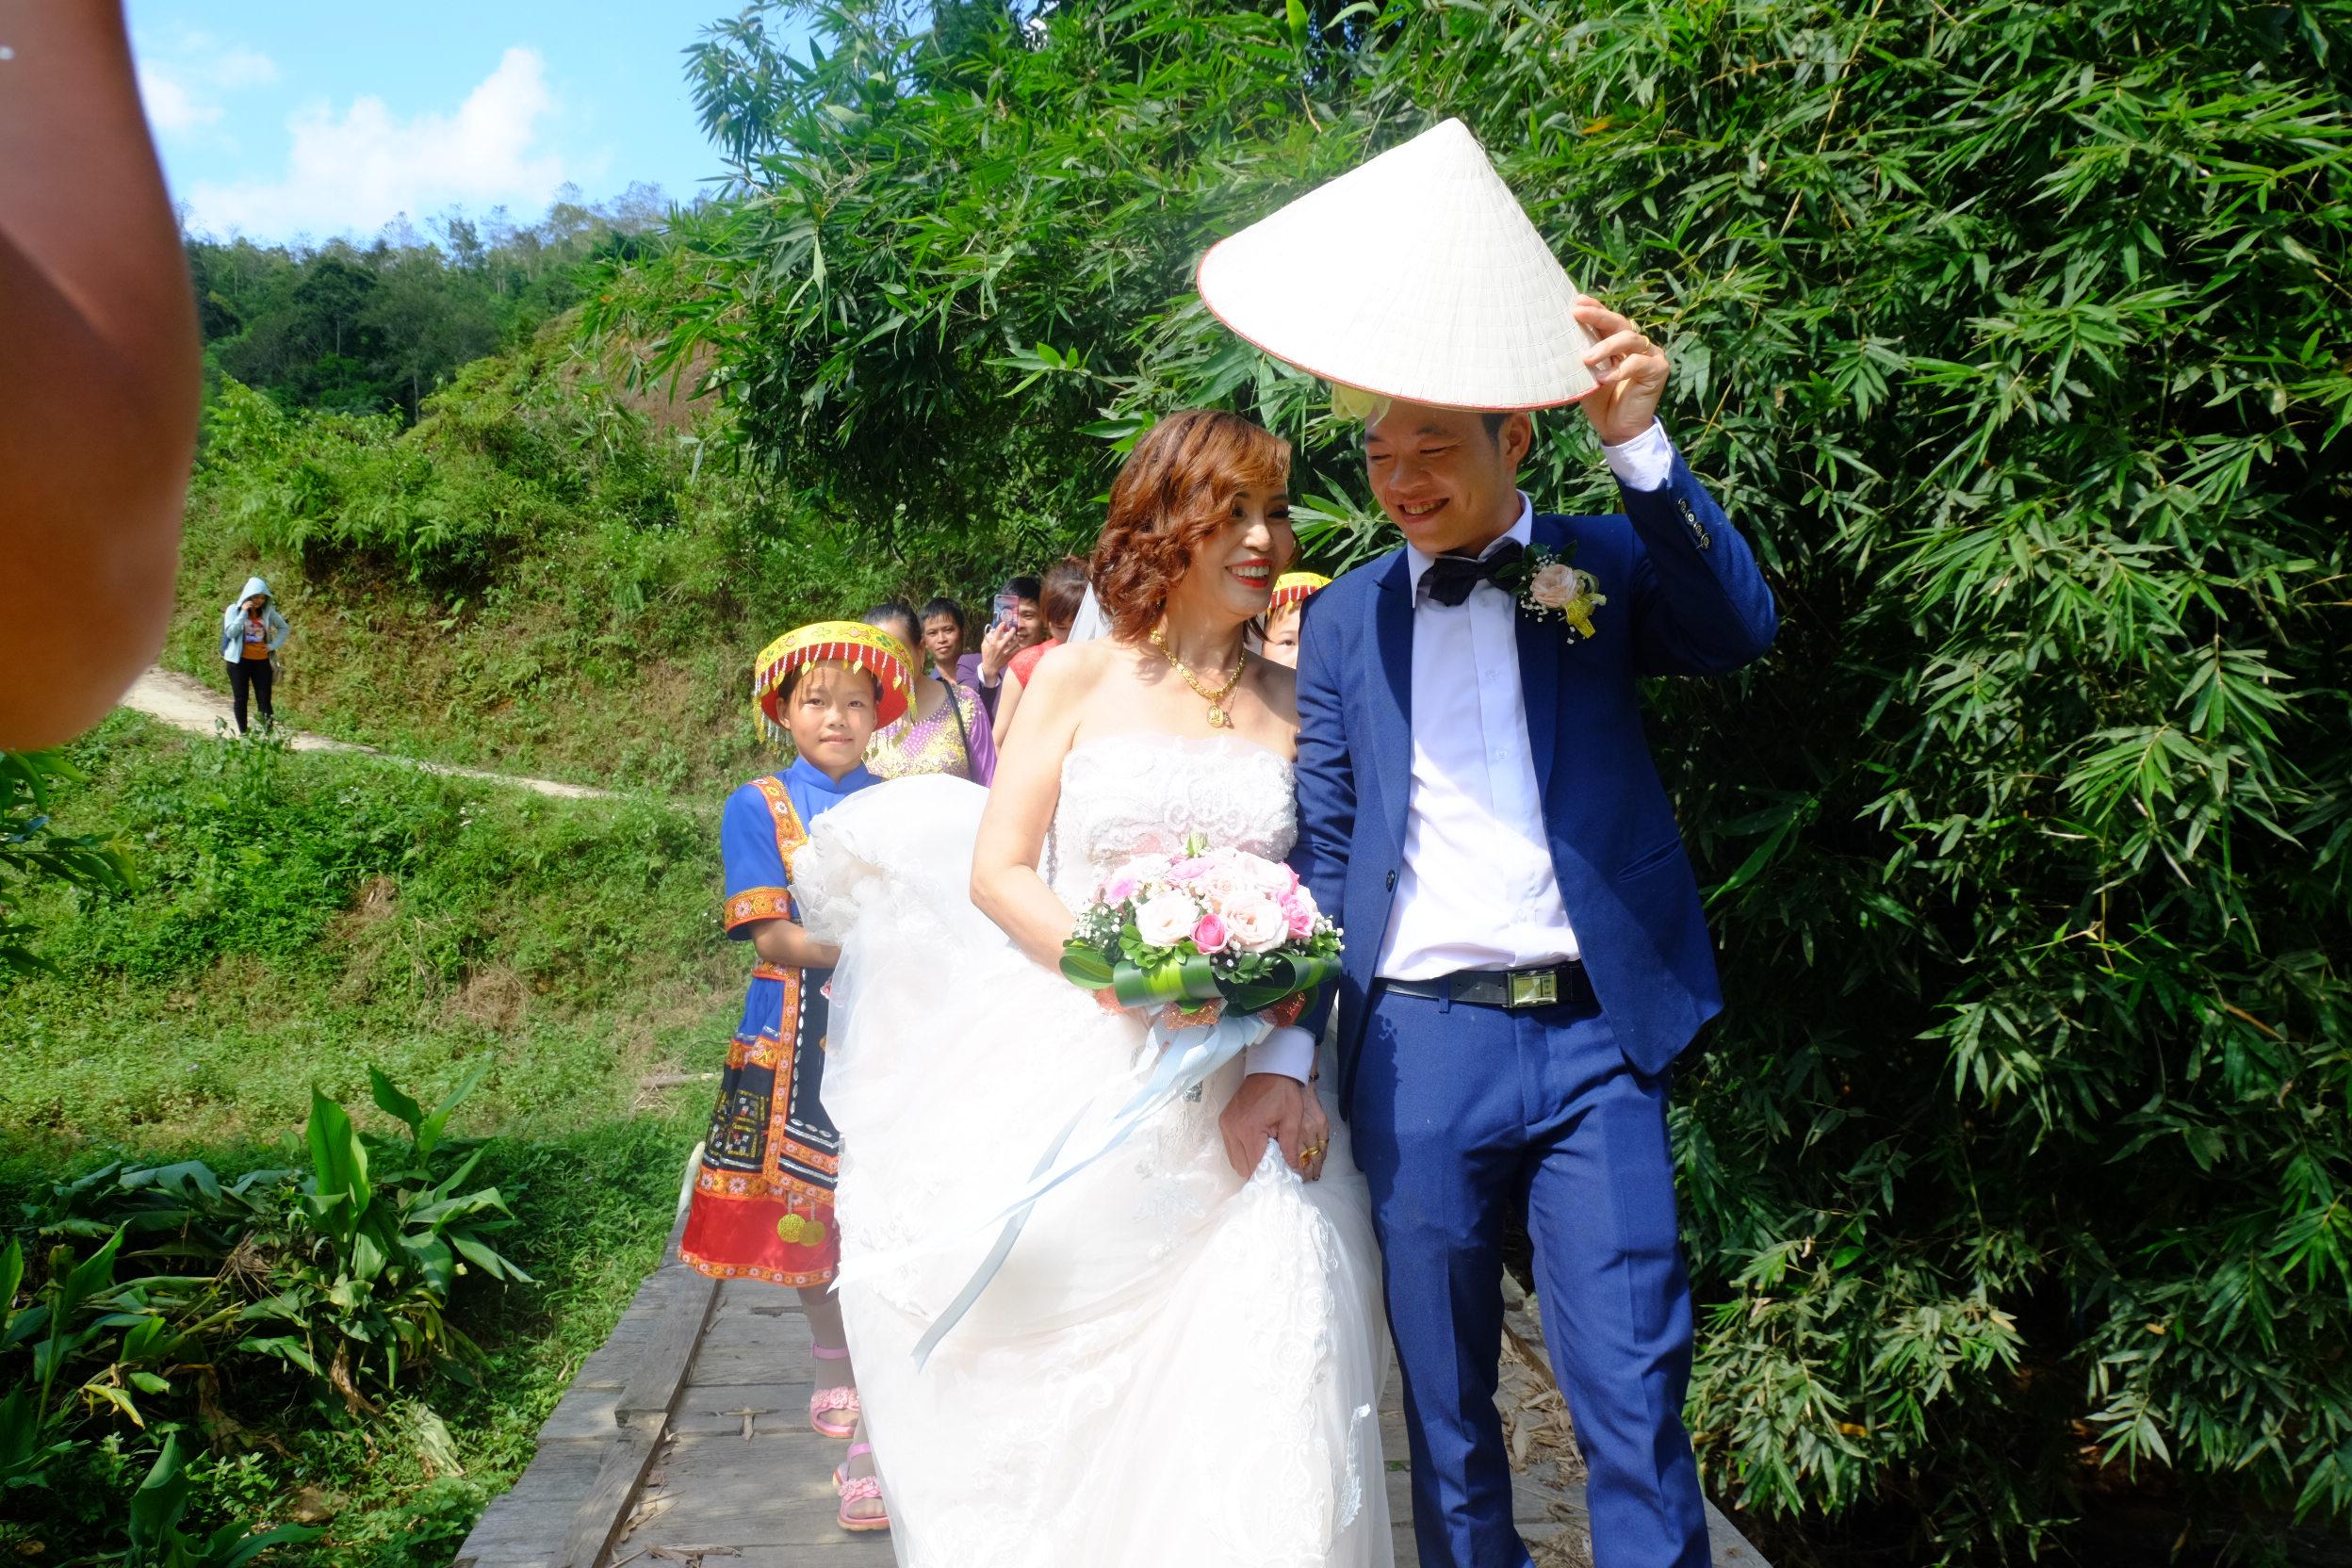 Cô dâu 62 tuổi mặc váy cưới, lội qua 3 con suối về nhà chồng trong niềm hân hoan Ảnh 4